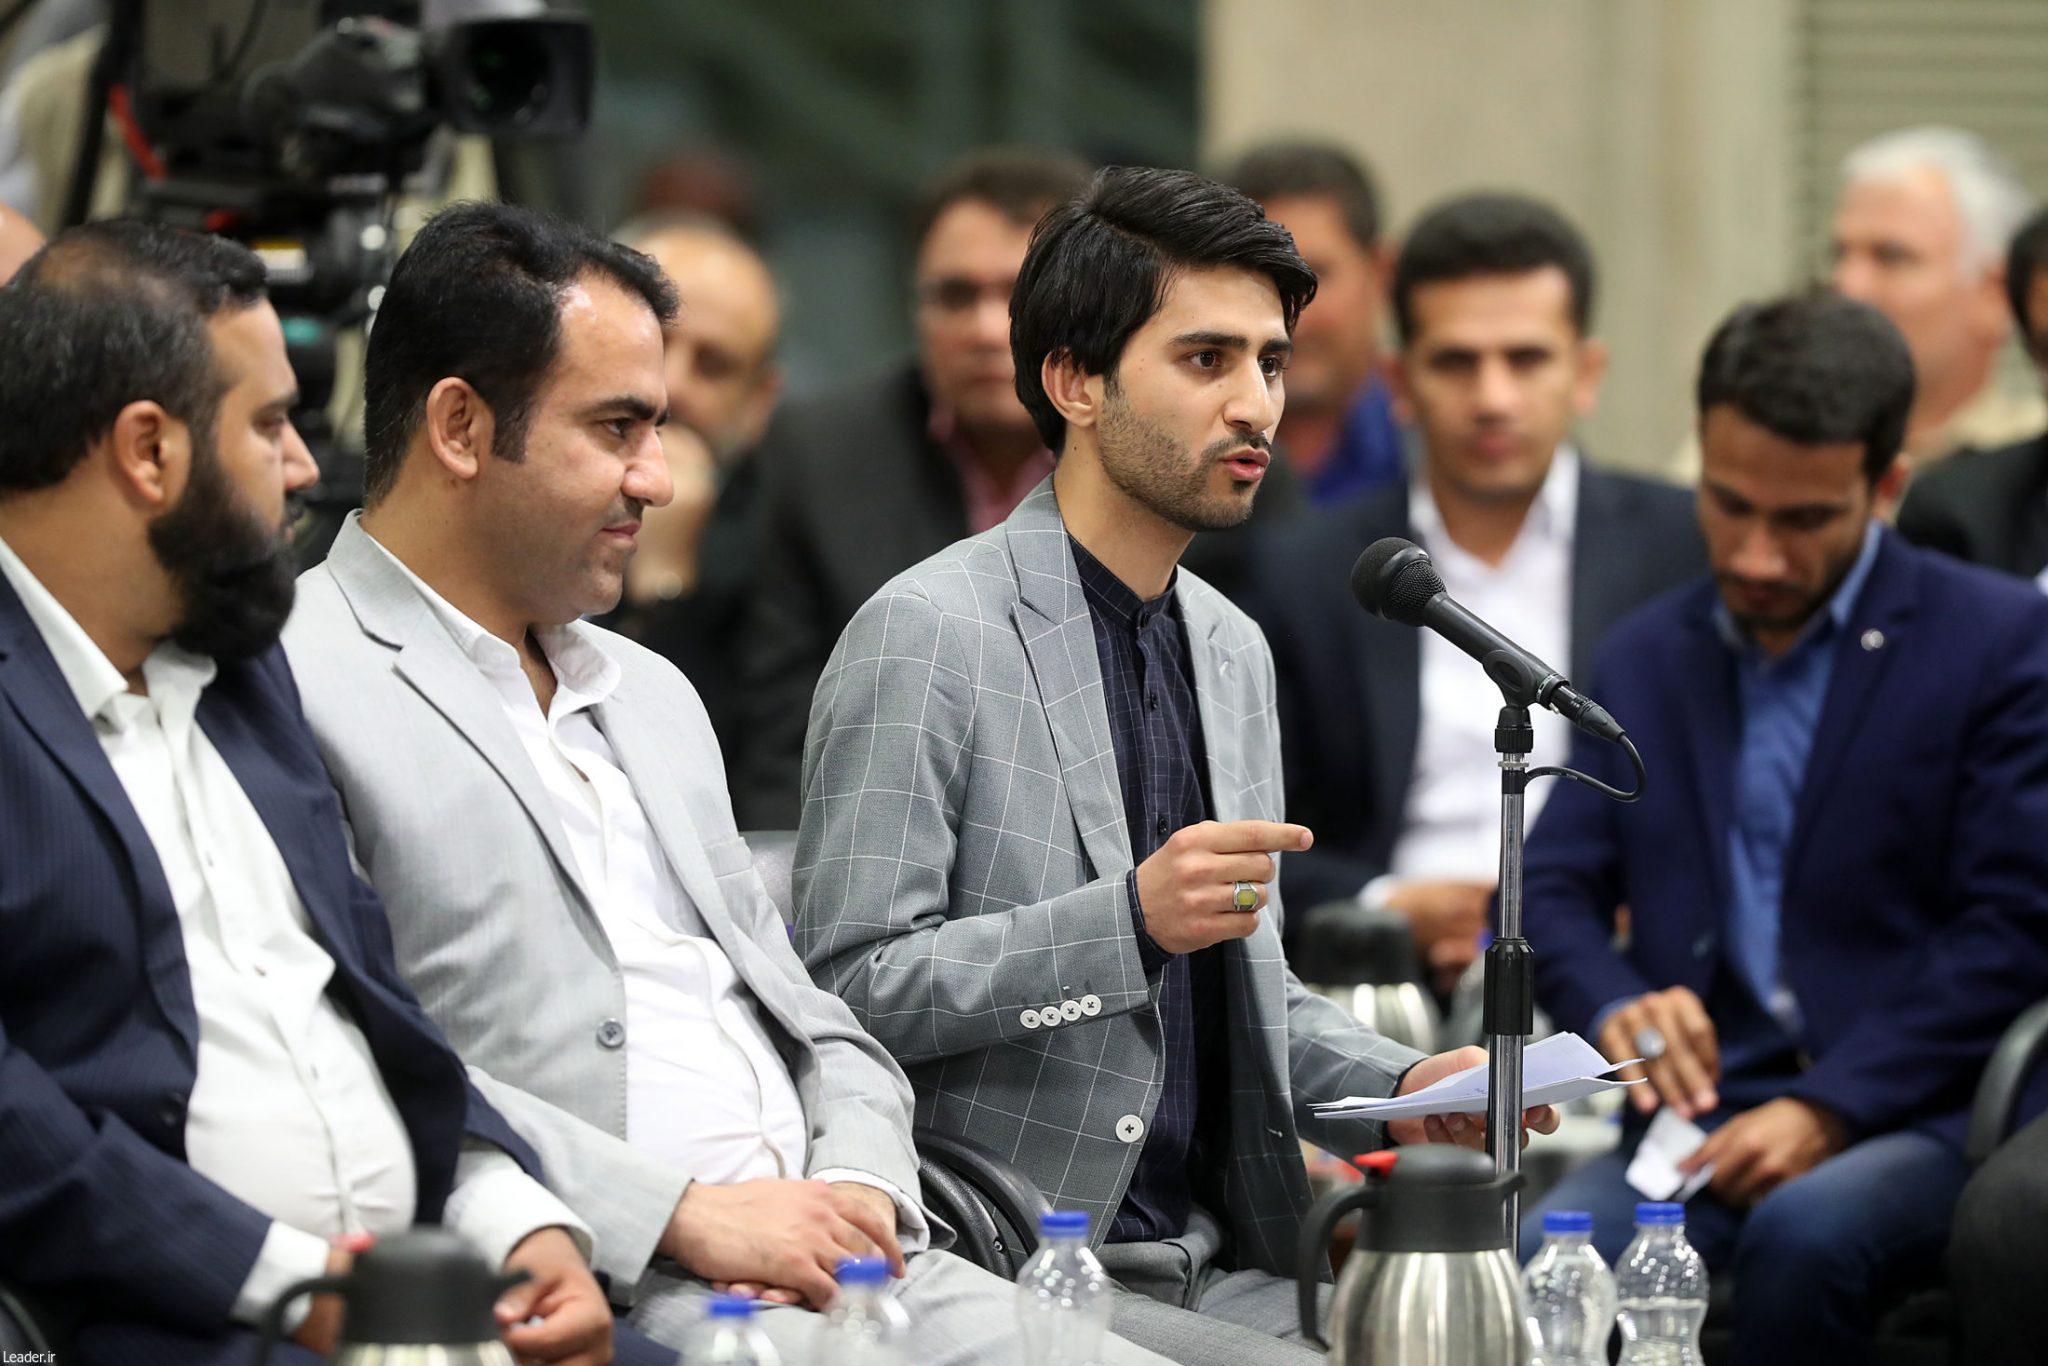 فیلم شعرخوانی فرزند شهید علی پور در محضر مقام معظم رهبری(مدظله)